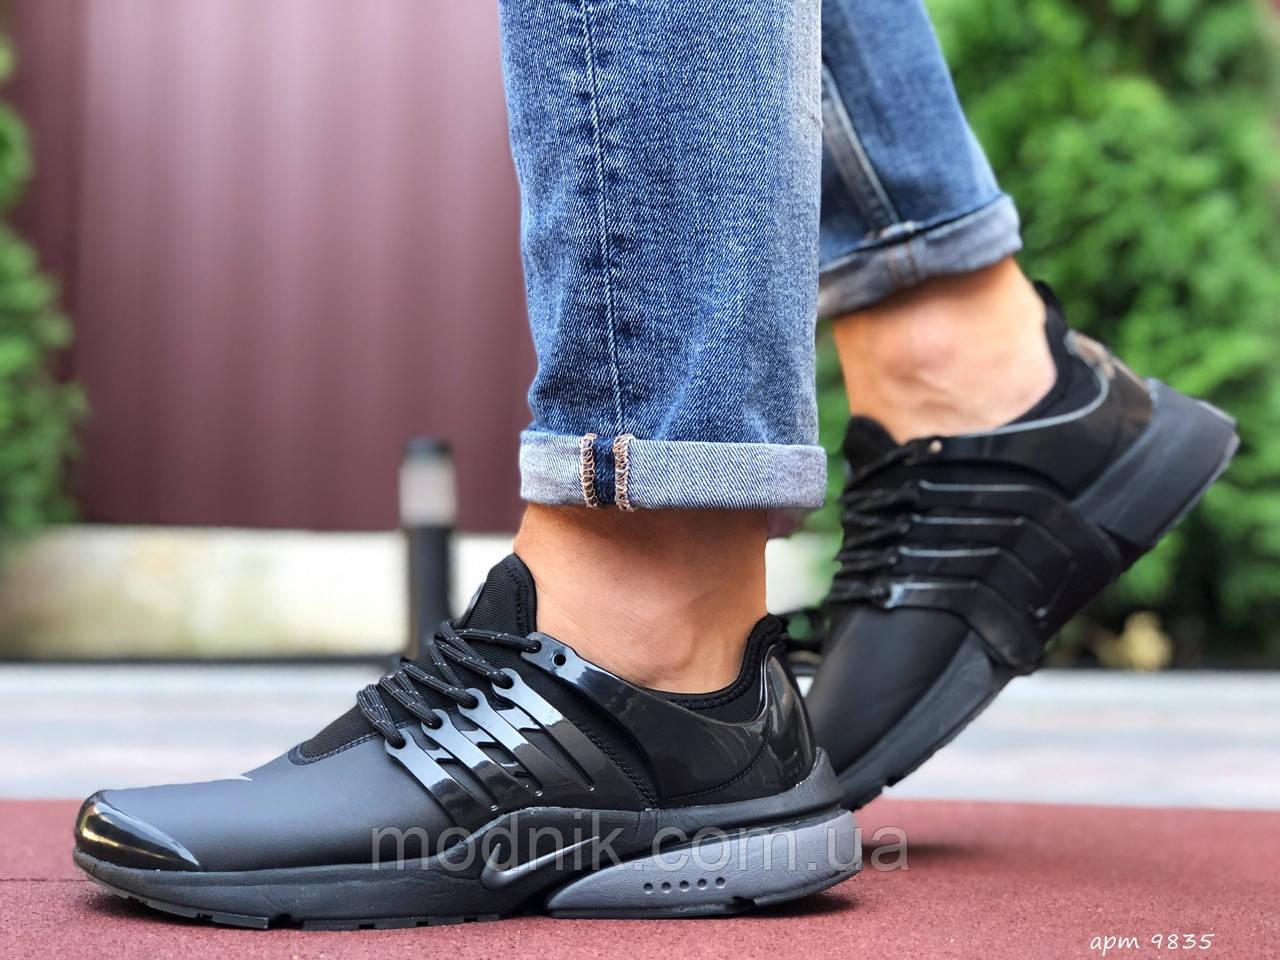 Мужские кроссовки Niке Air Presto (черные) 9835